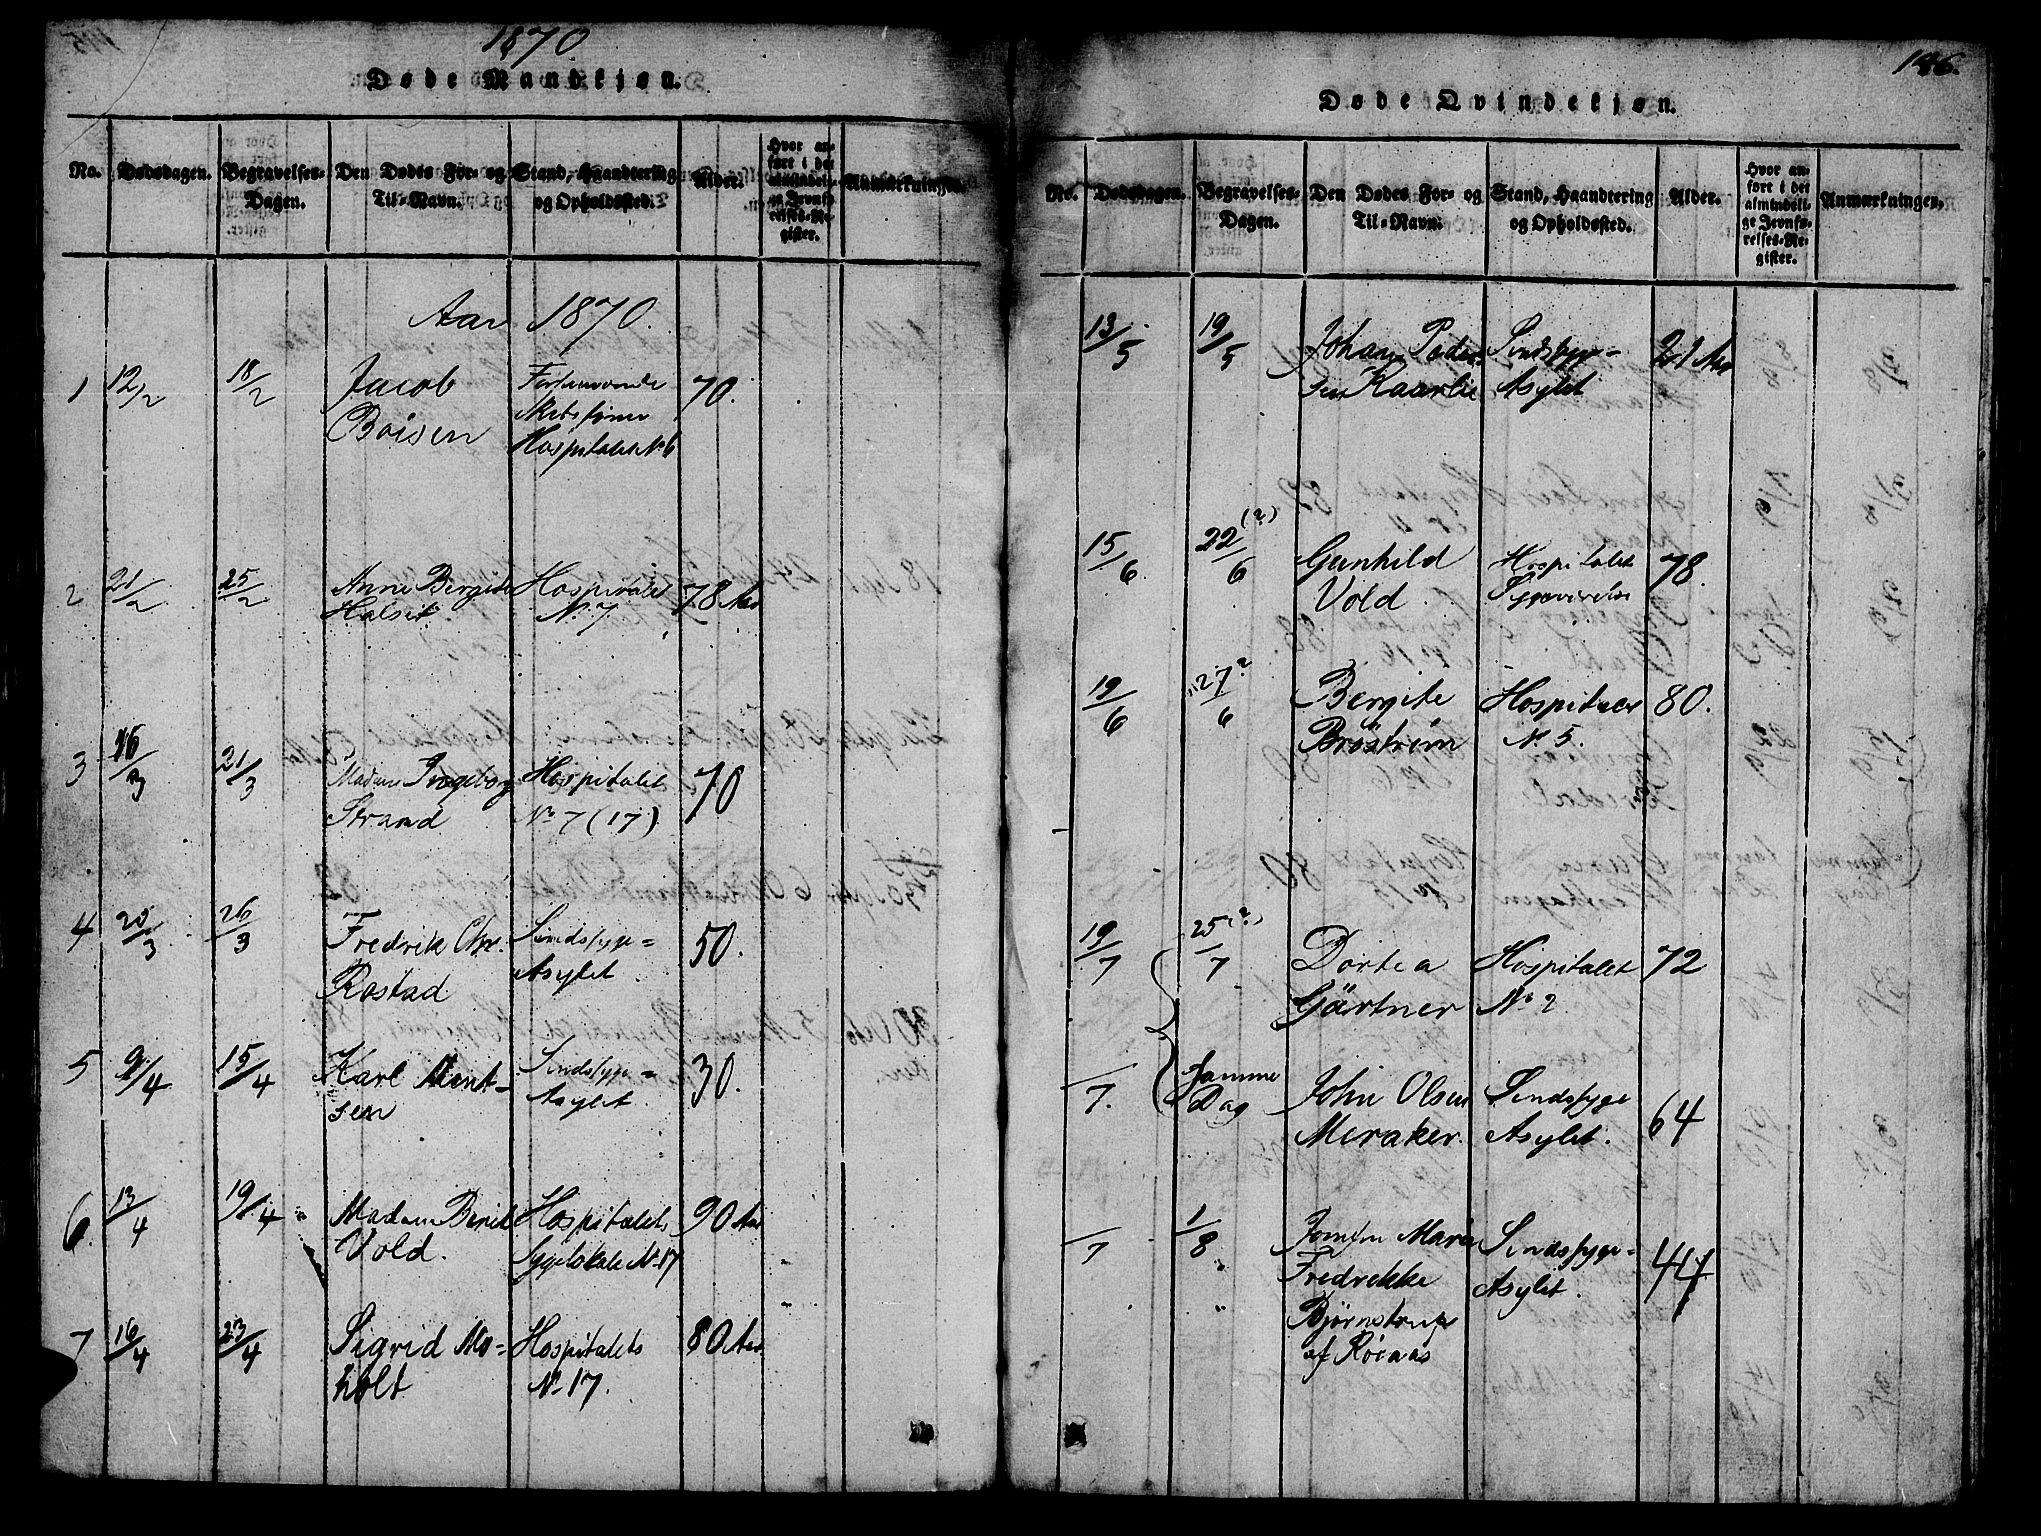 SAT, Ministerialprotokoller, klokkerbøker og fødselsregistre - Sør-Trøndelag, 623/L0478: Klokkerbok nr. 623C01, 1815-1873, s. 146